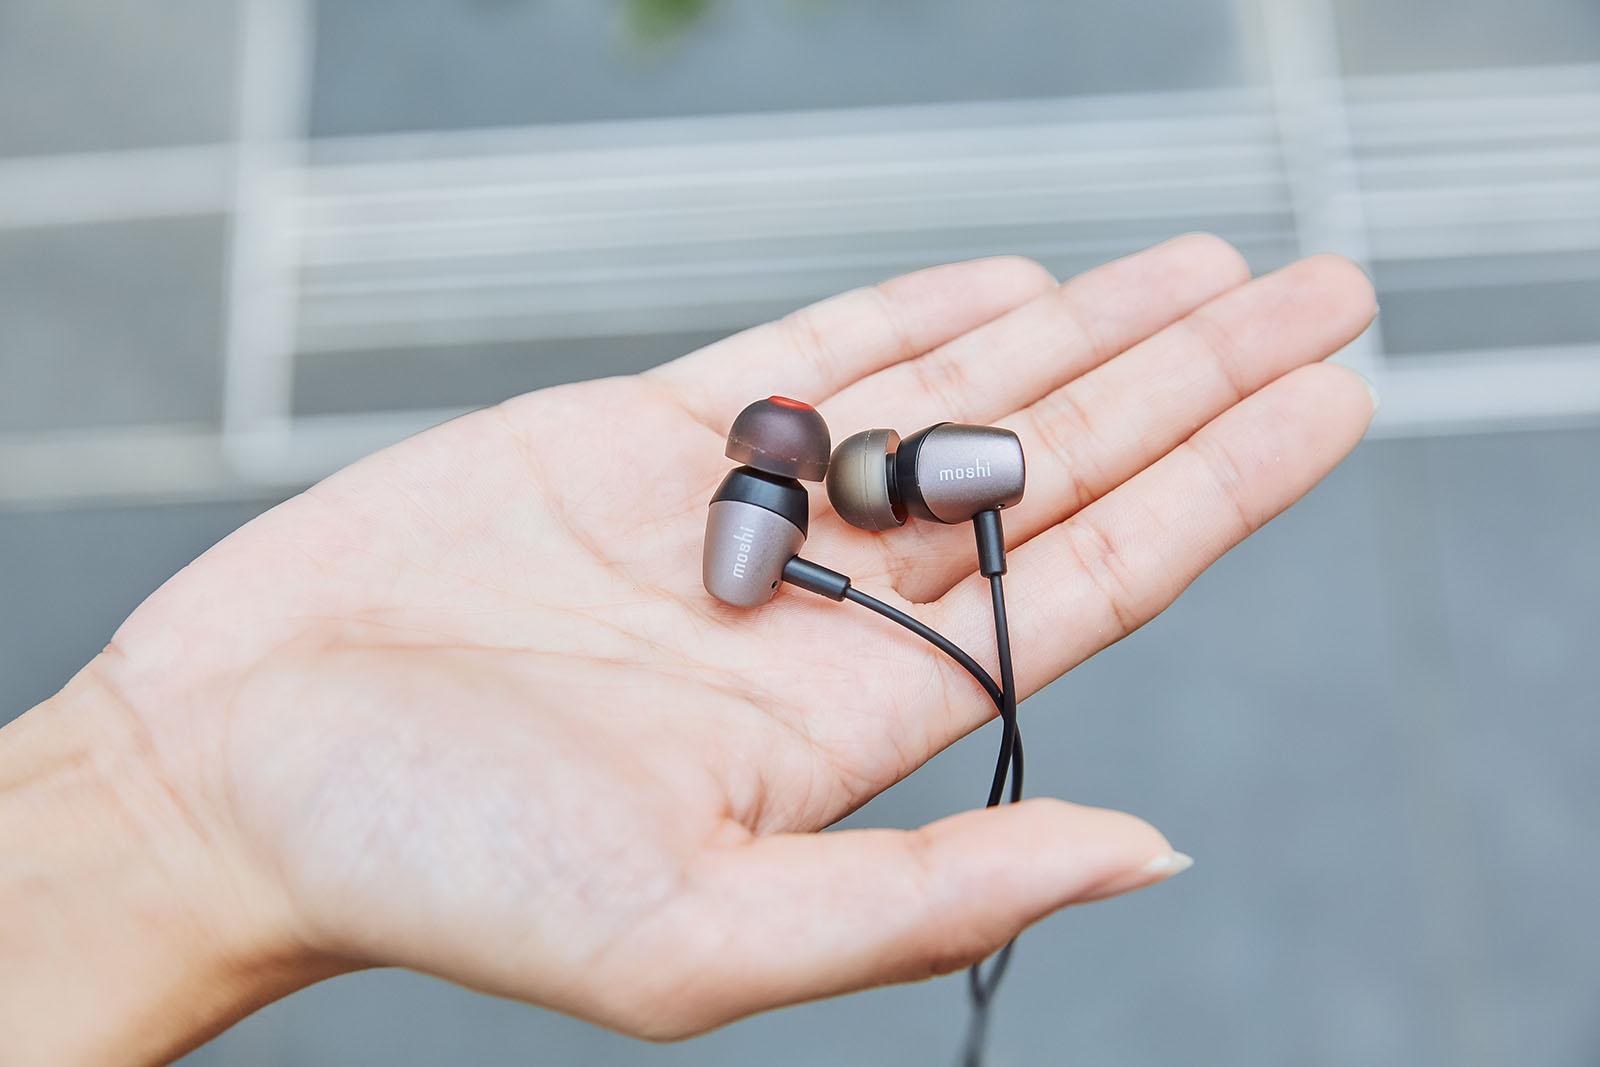 Mythro C 重量僅僅只有 18g,戴上之後完全沒負擔,甚至可以說是「超無感」,通勤族只要戴上之後就能在最放鬆的狀態下享受音樂。